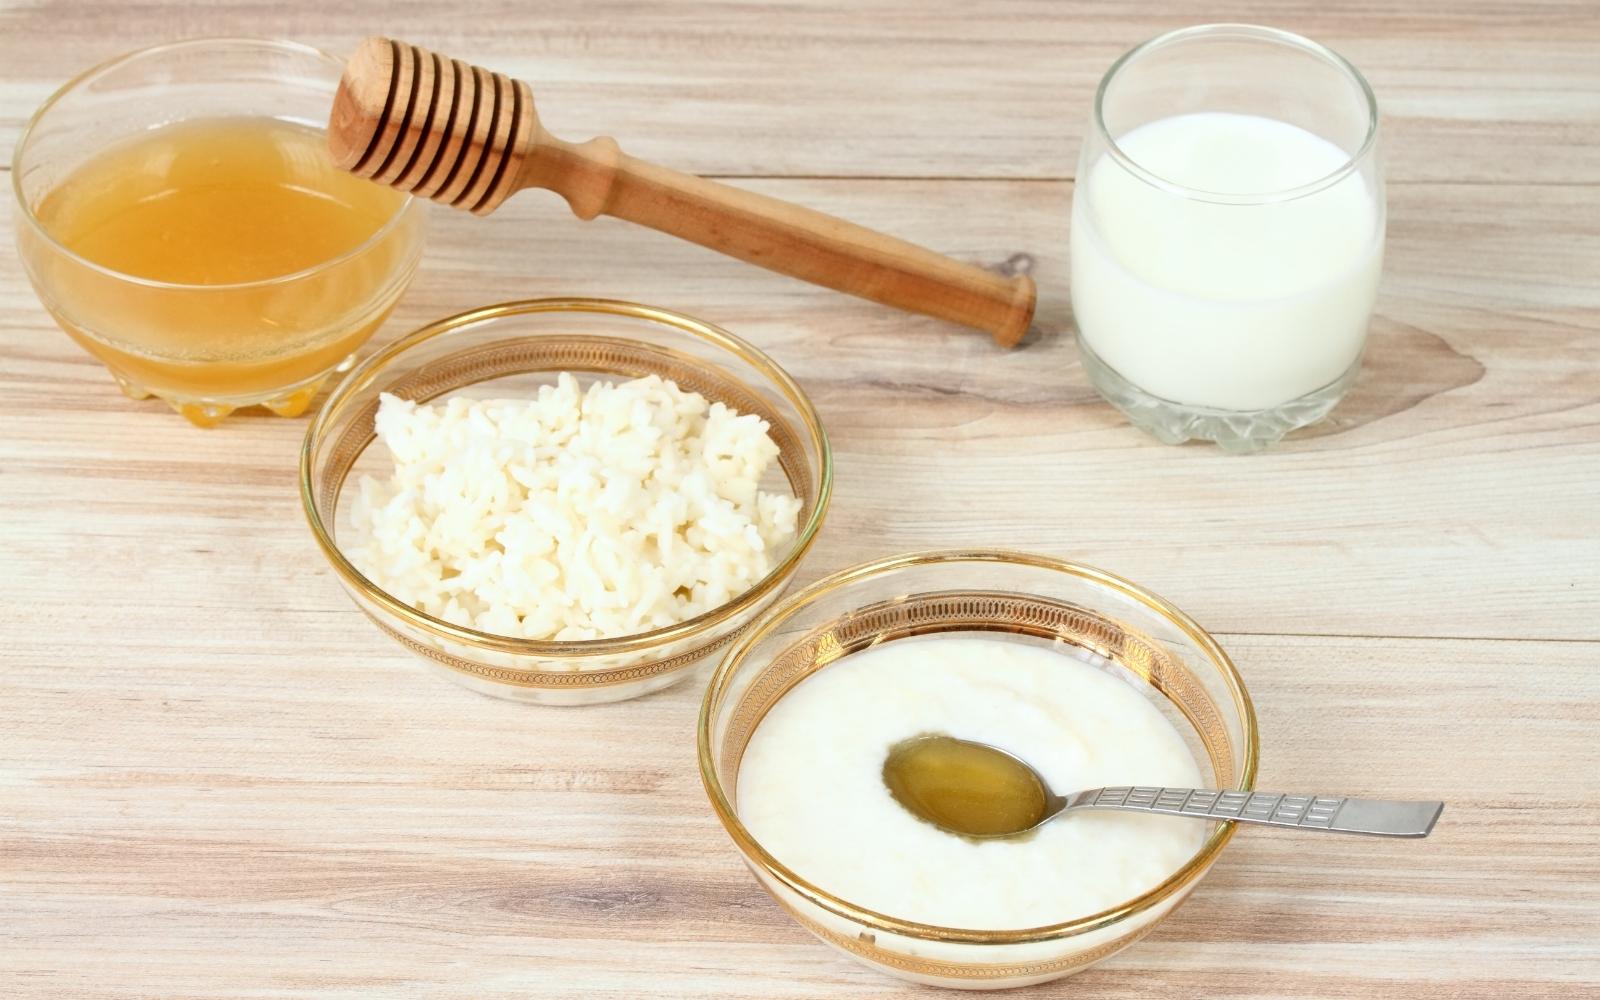 mascarilla de arroz, leche y miel